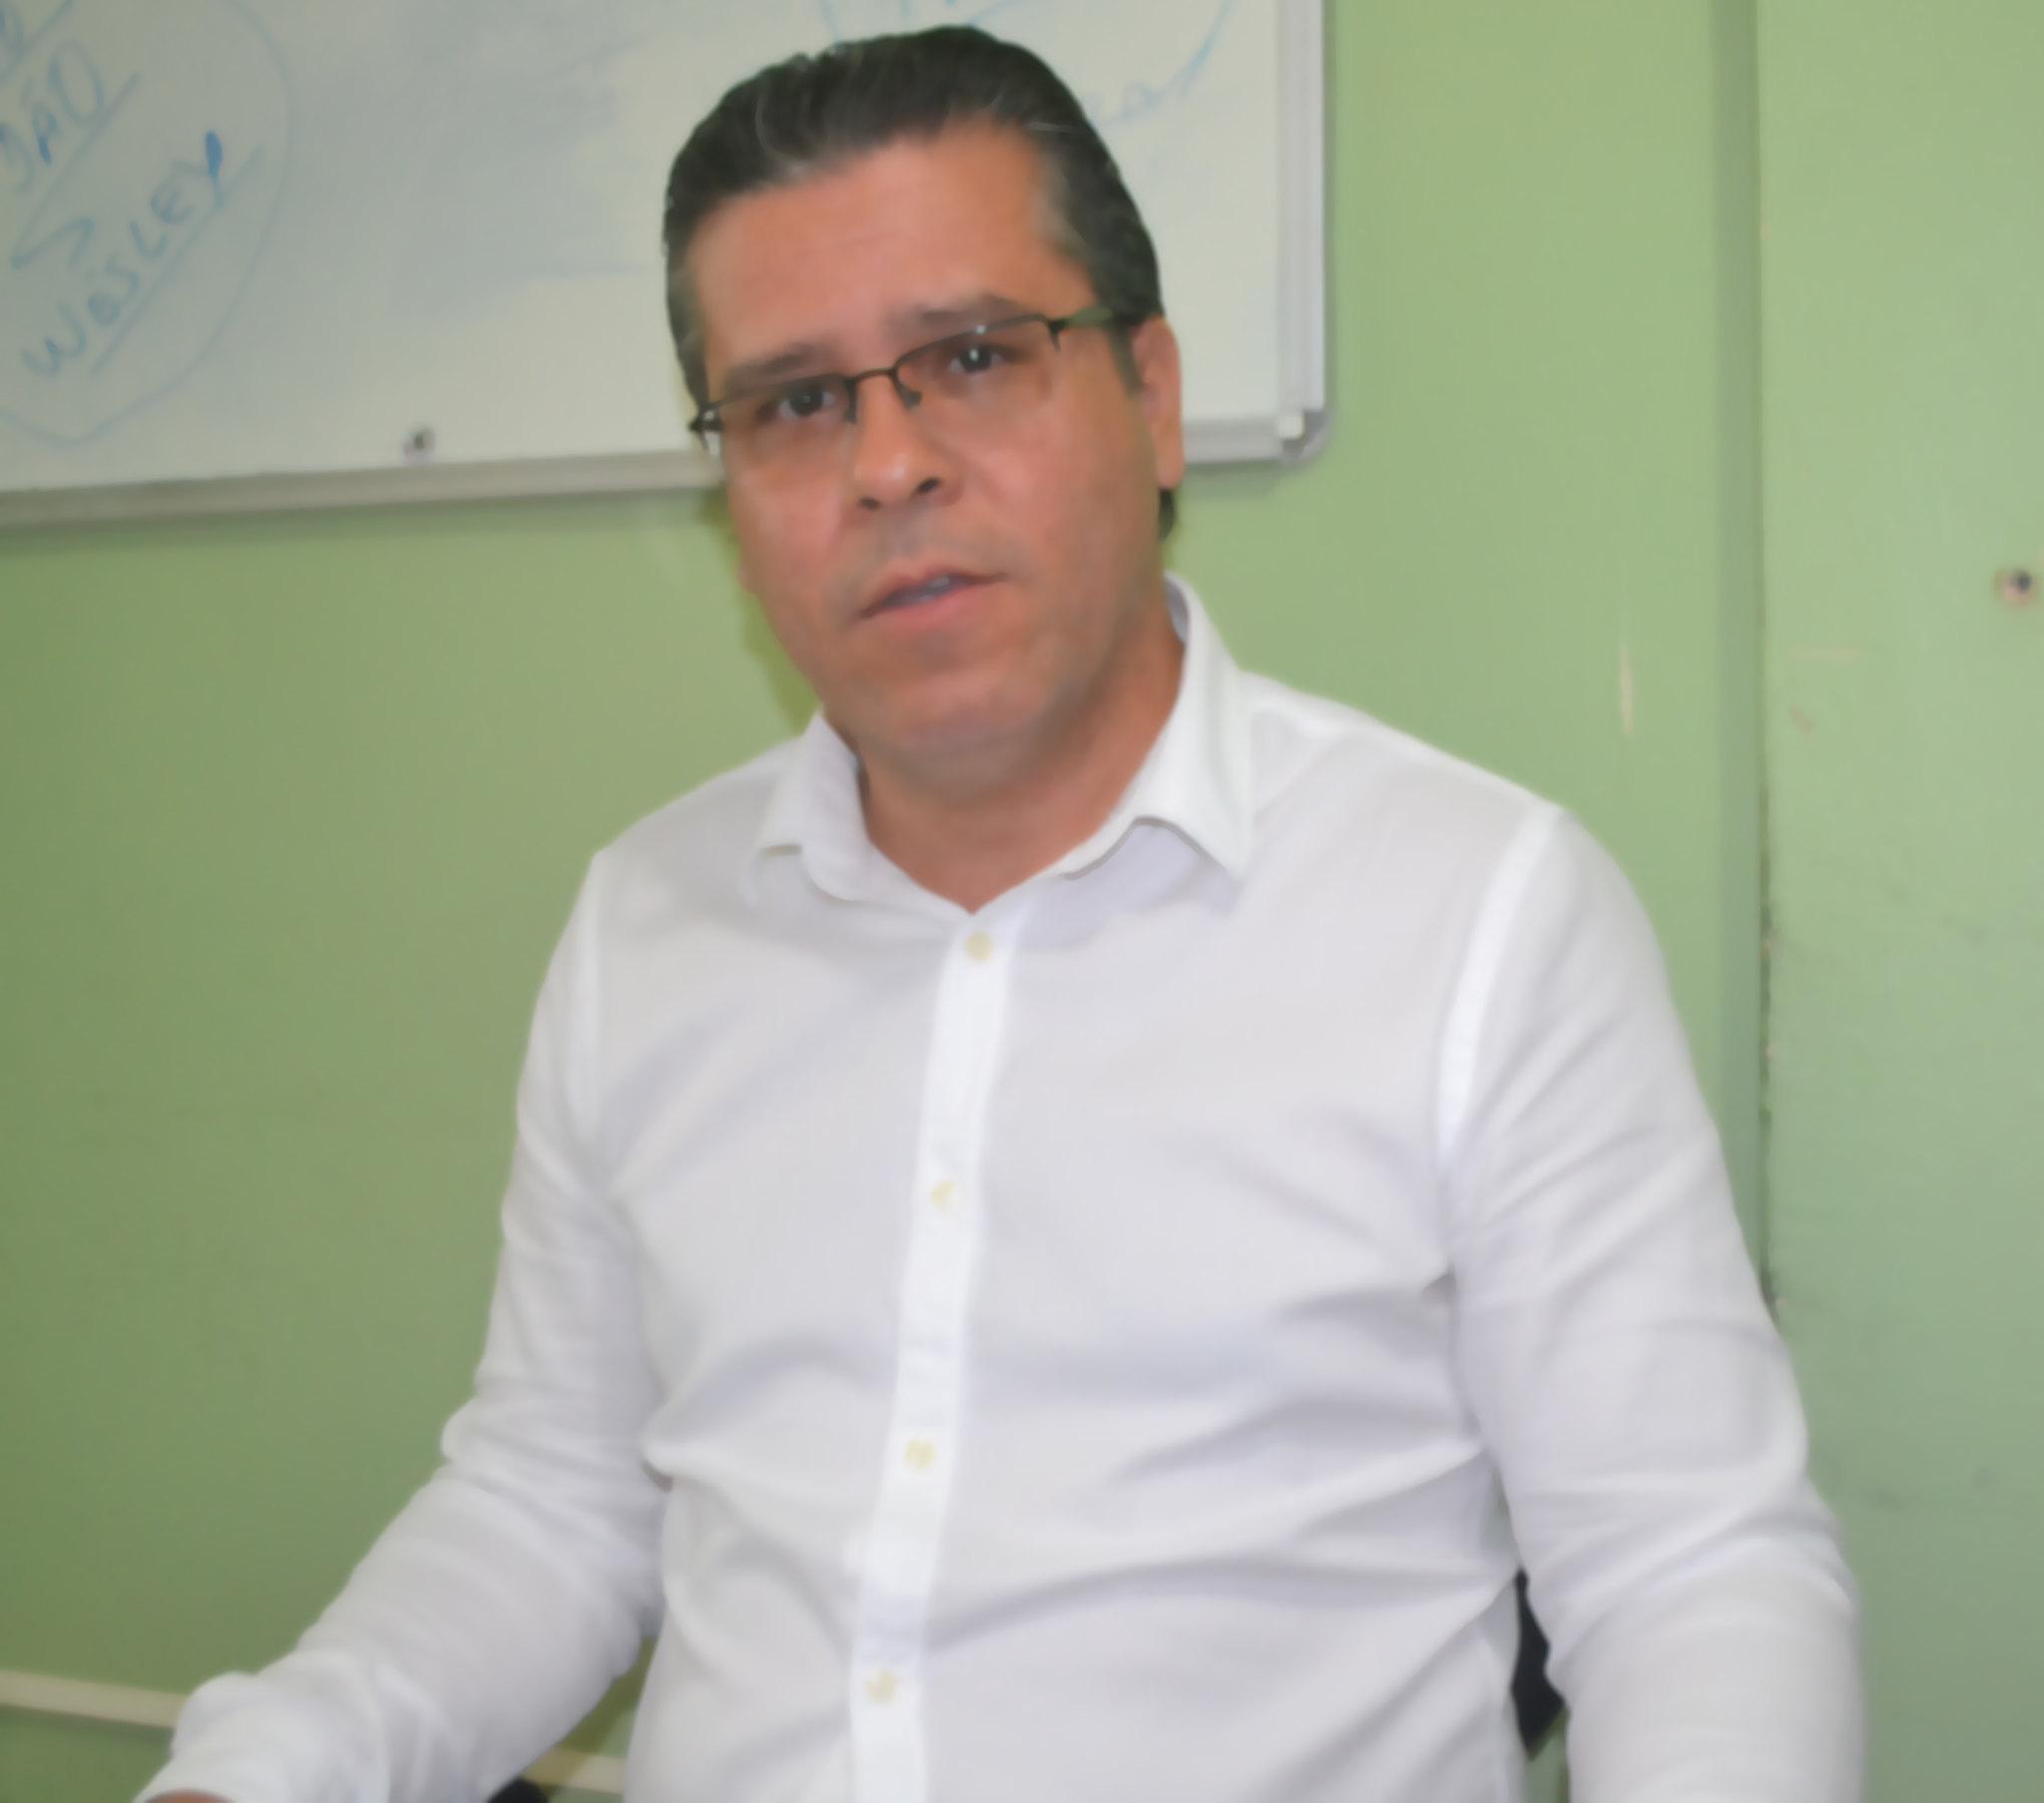 Acúmulo de salário de Maranhão é garantido pela Constituição, diz jurídico 1